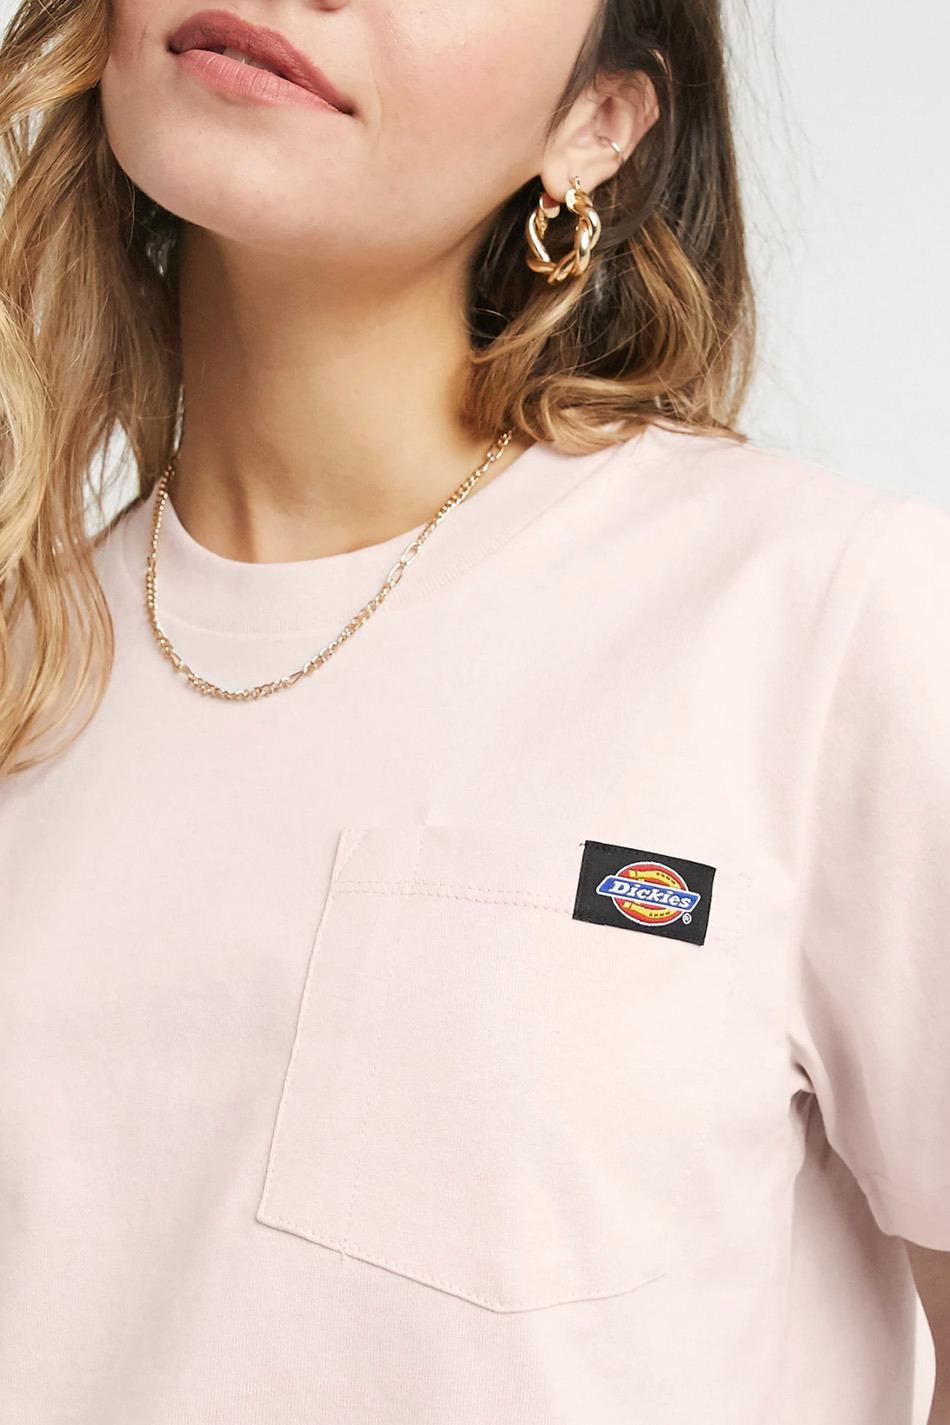 Camiseta Dickies Ellenwood Tee light Pink